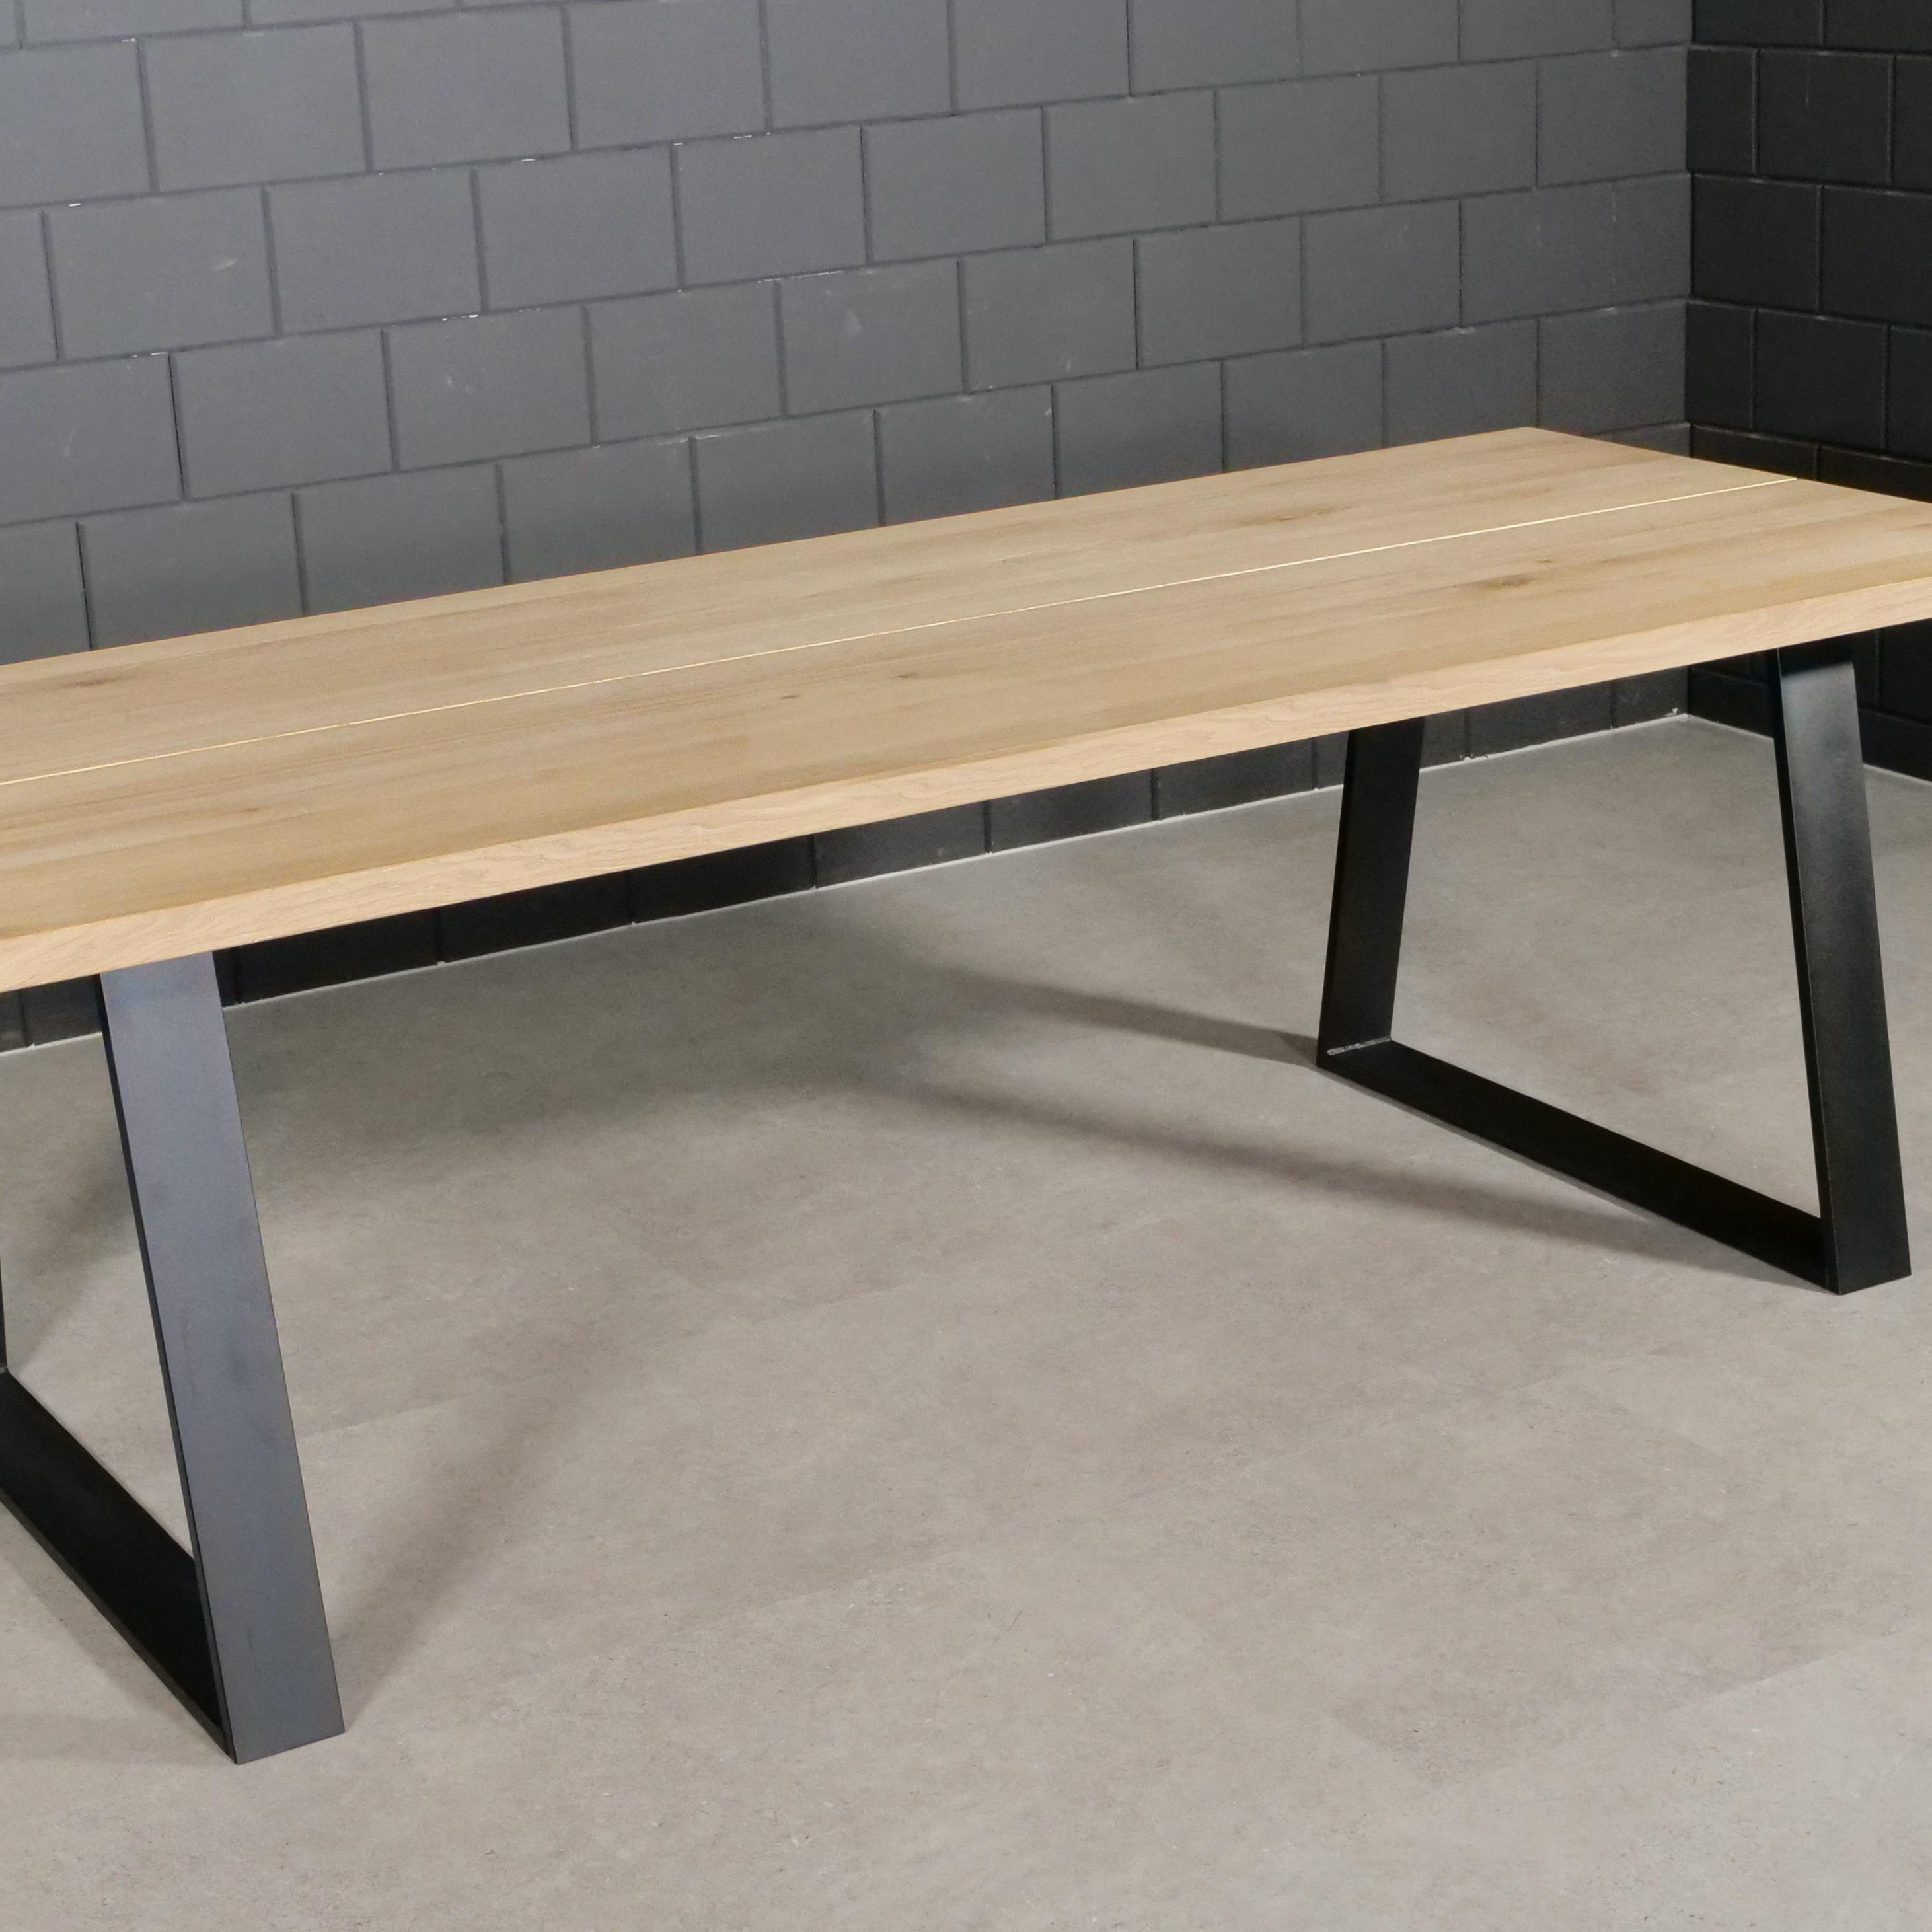 Tischbeine Trapez Metall schlank - SET (2 Stück) - 2x10x0,3 cm - 78-95 cm breit - 72 cm hoch - Trapez-form Tischkufen / Tischgestell beschichtet - Schwarz